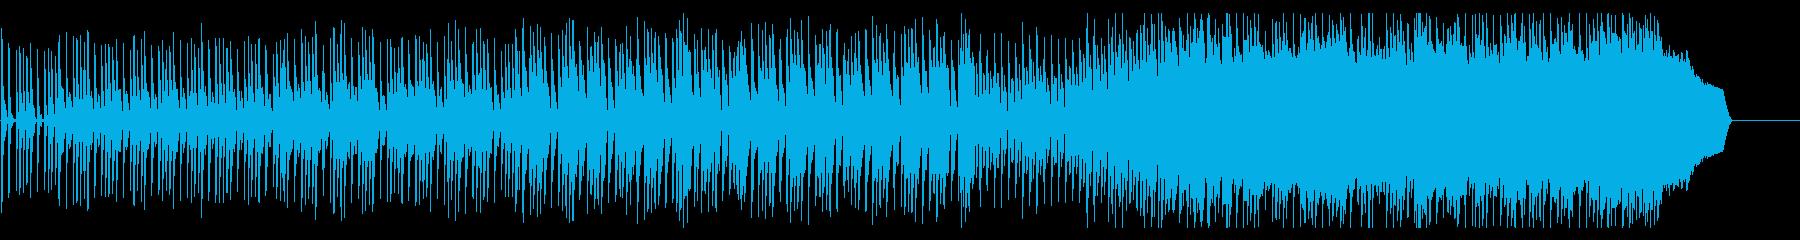 可愛いく切なさもあるポップロックの再生済みの波形